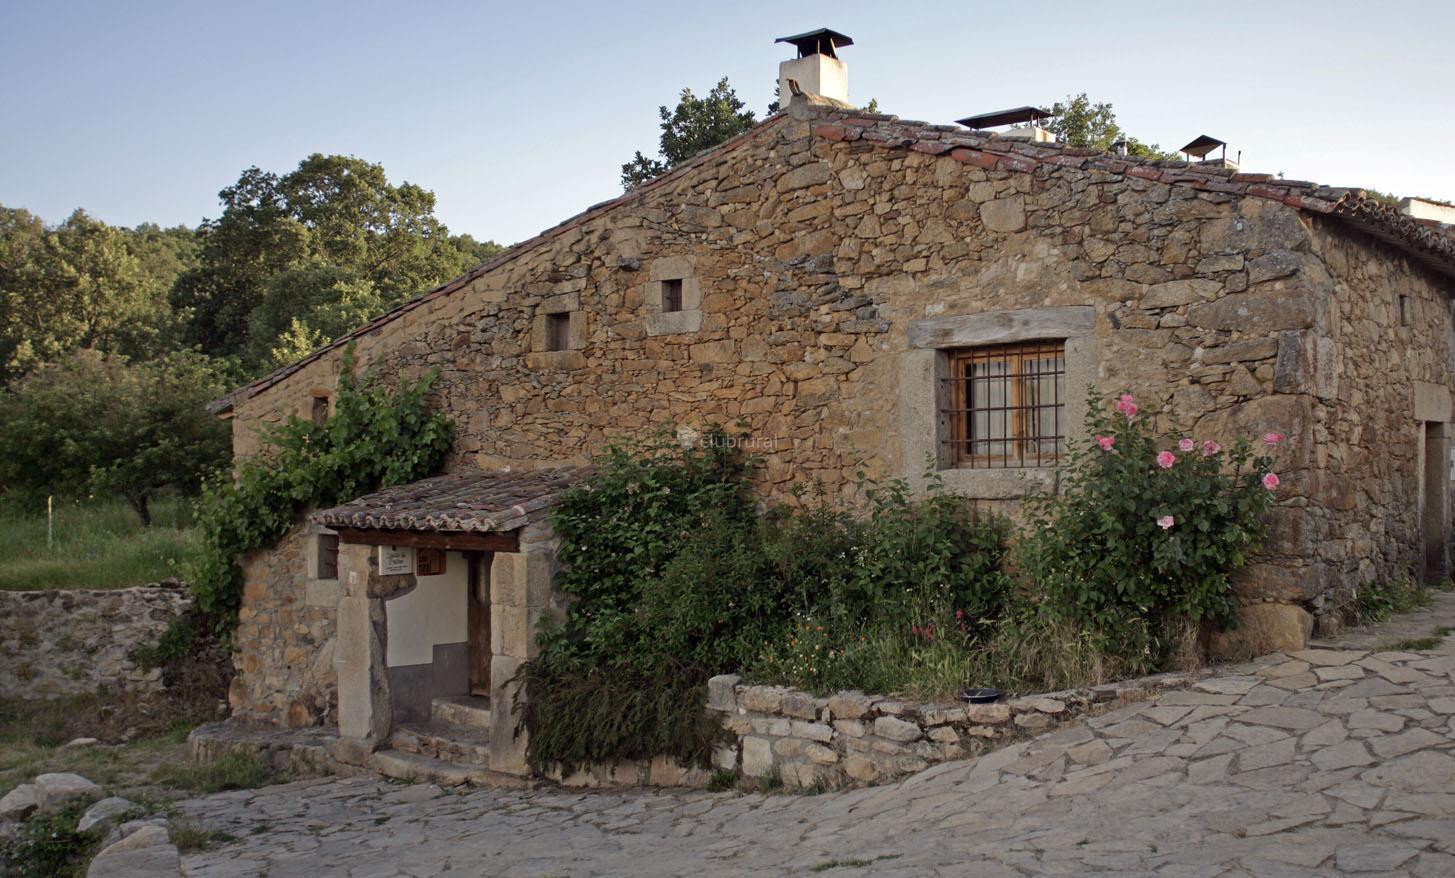 Fotos de vivegredos el molino de tormellas vila - Casas rurales en avila baratas ...